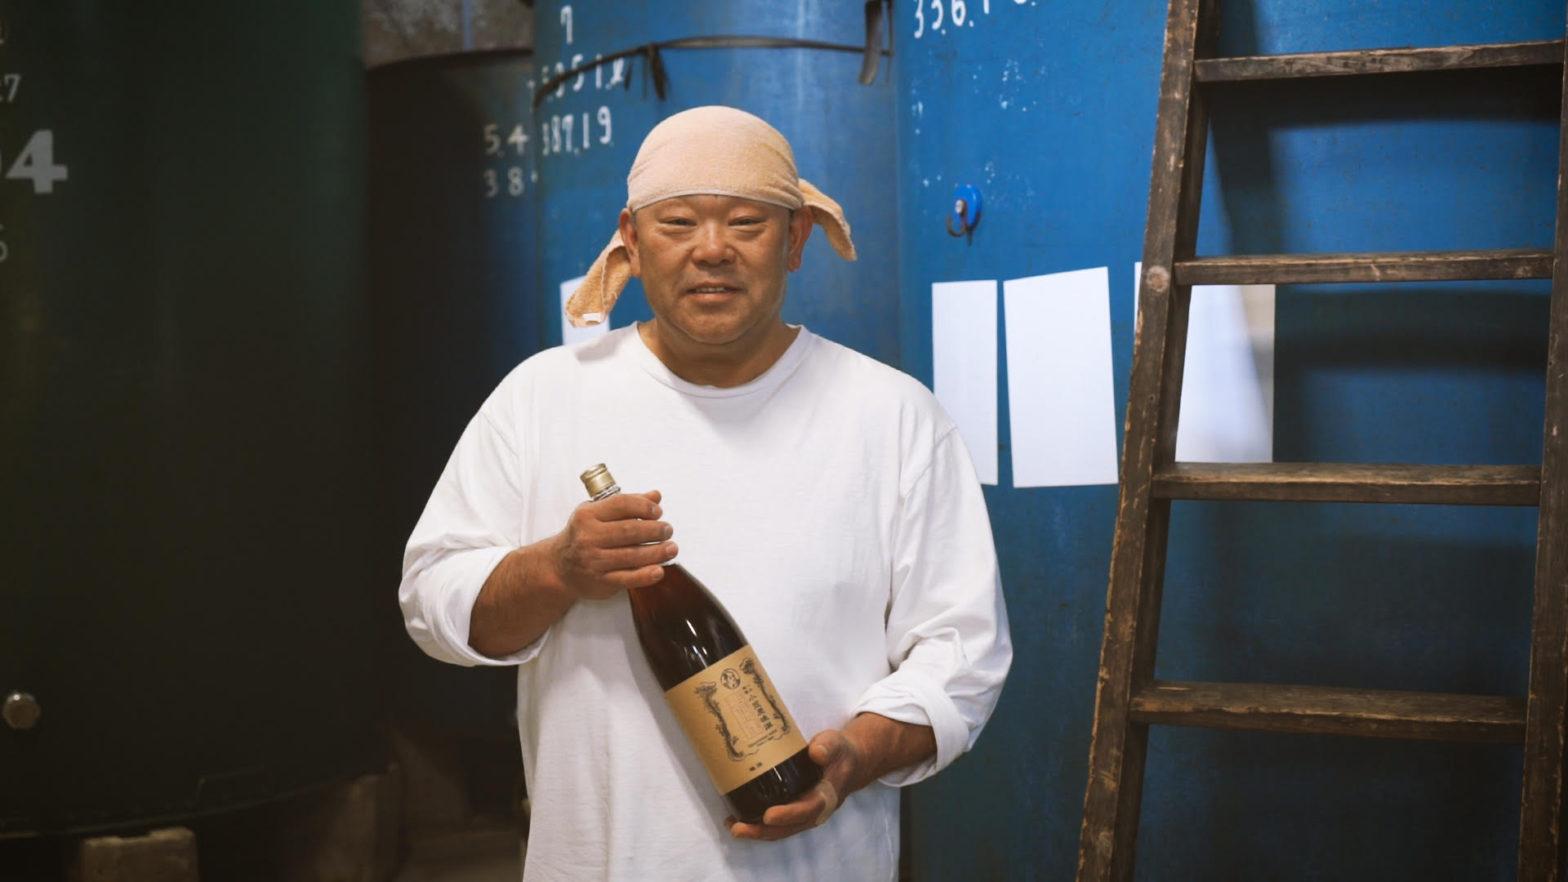 愛知県碧南市 小笠原味淋醸造のみりんづくり